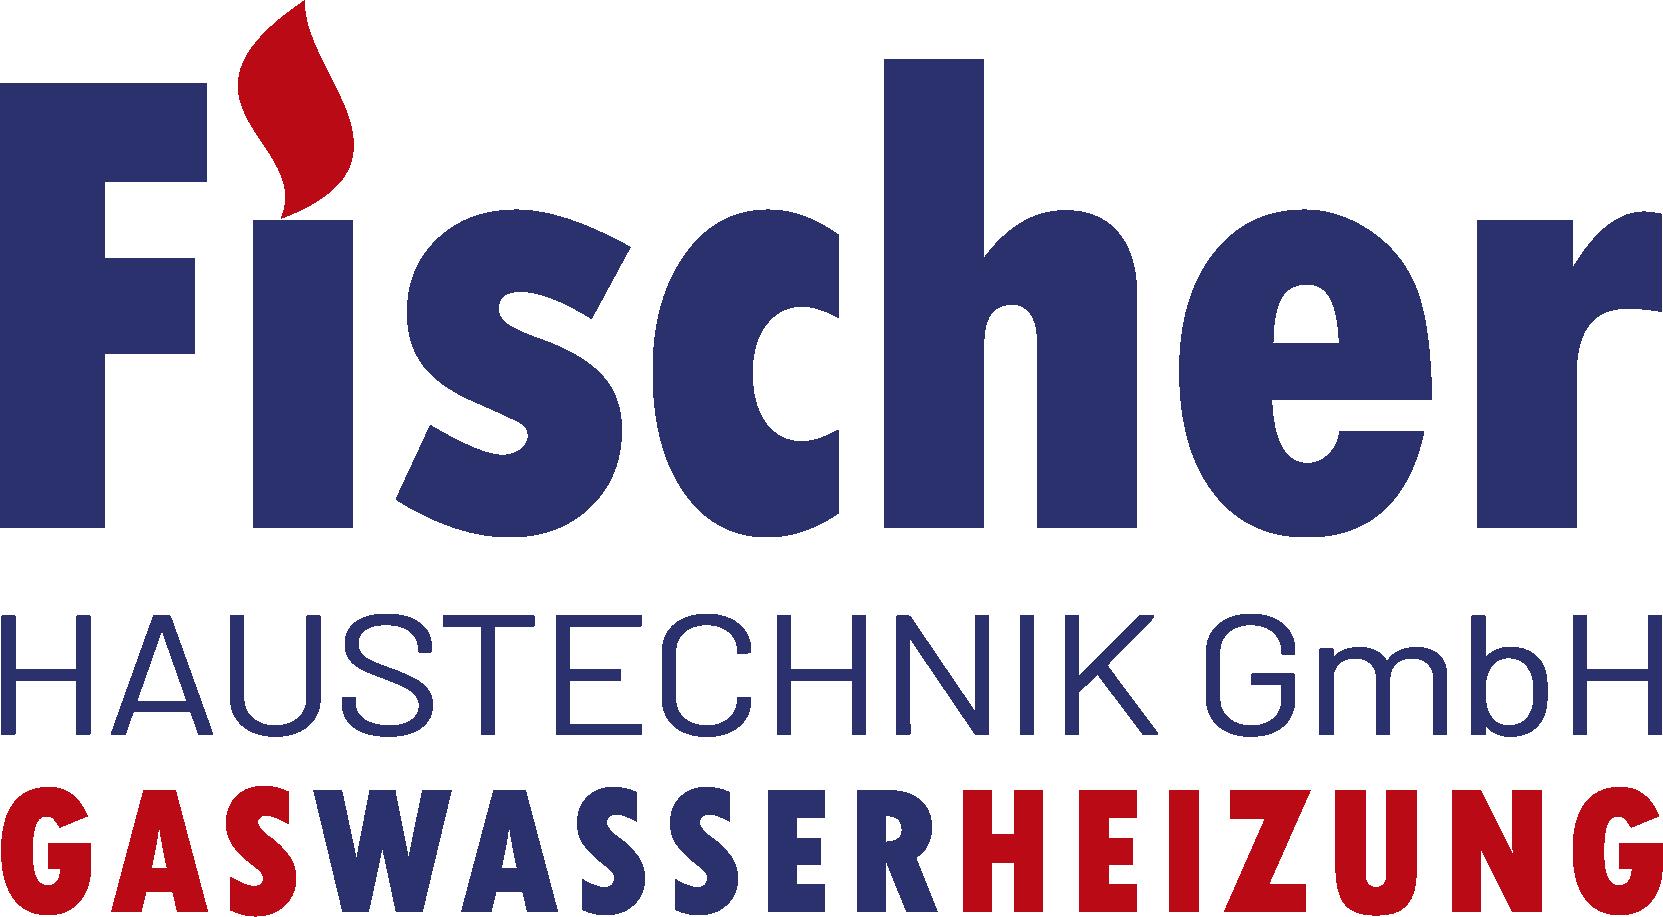 Fischer Haustechnik GmbH - Ihr Installateur in Salzburg | Fischer Haustechnik GmbH ist seit vielen Jahren Ihr kompetenter und verlässlicher Partner im Bereich Heizungsinstallationen, Bad-, Sanitär- und Solaranlagen.